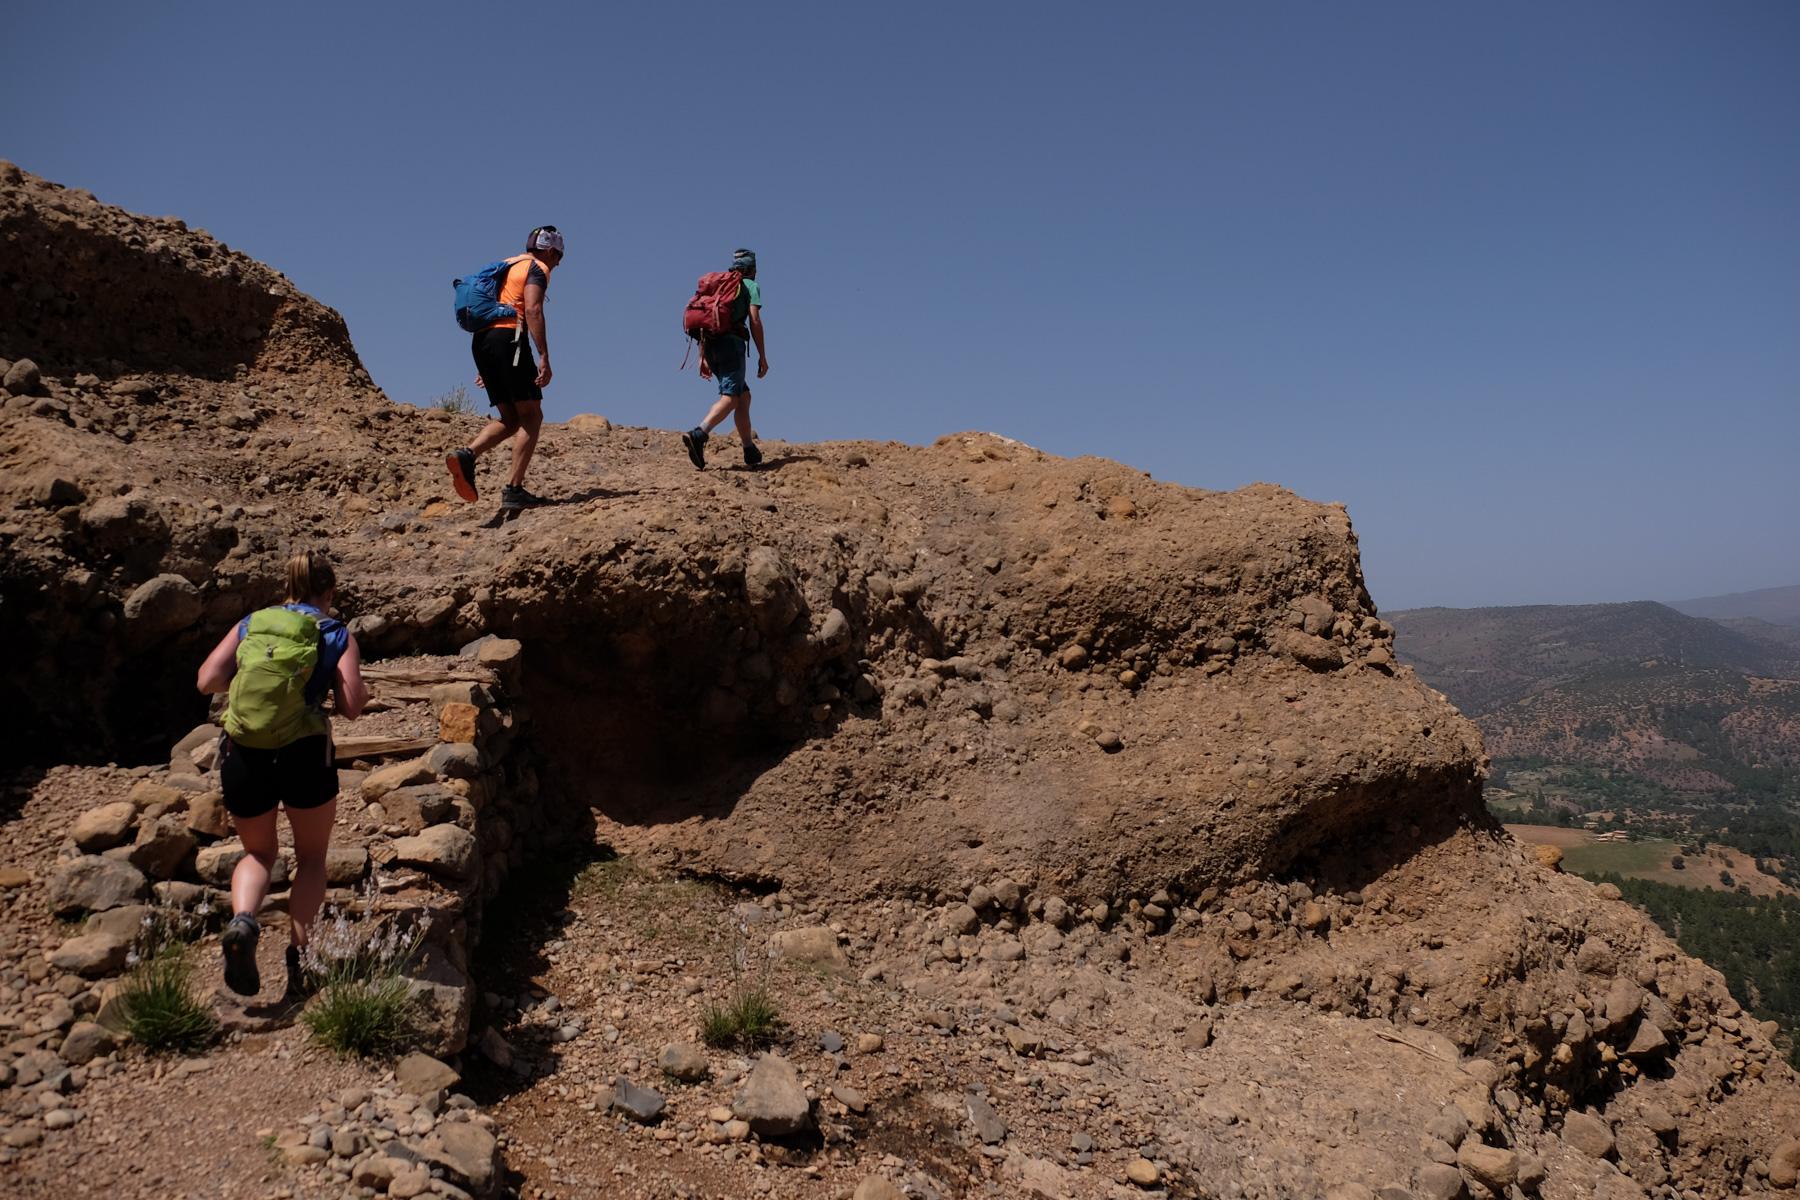 Amsafrane, Tilouguite, Maroc 10